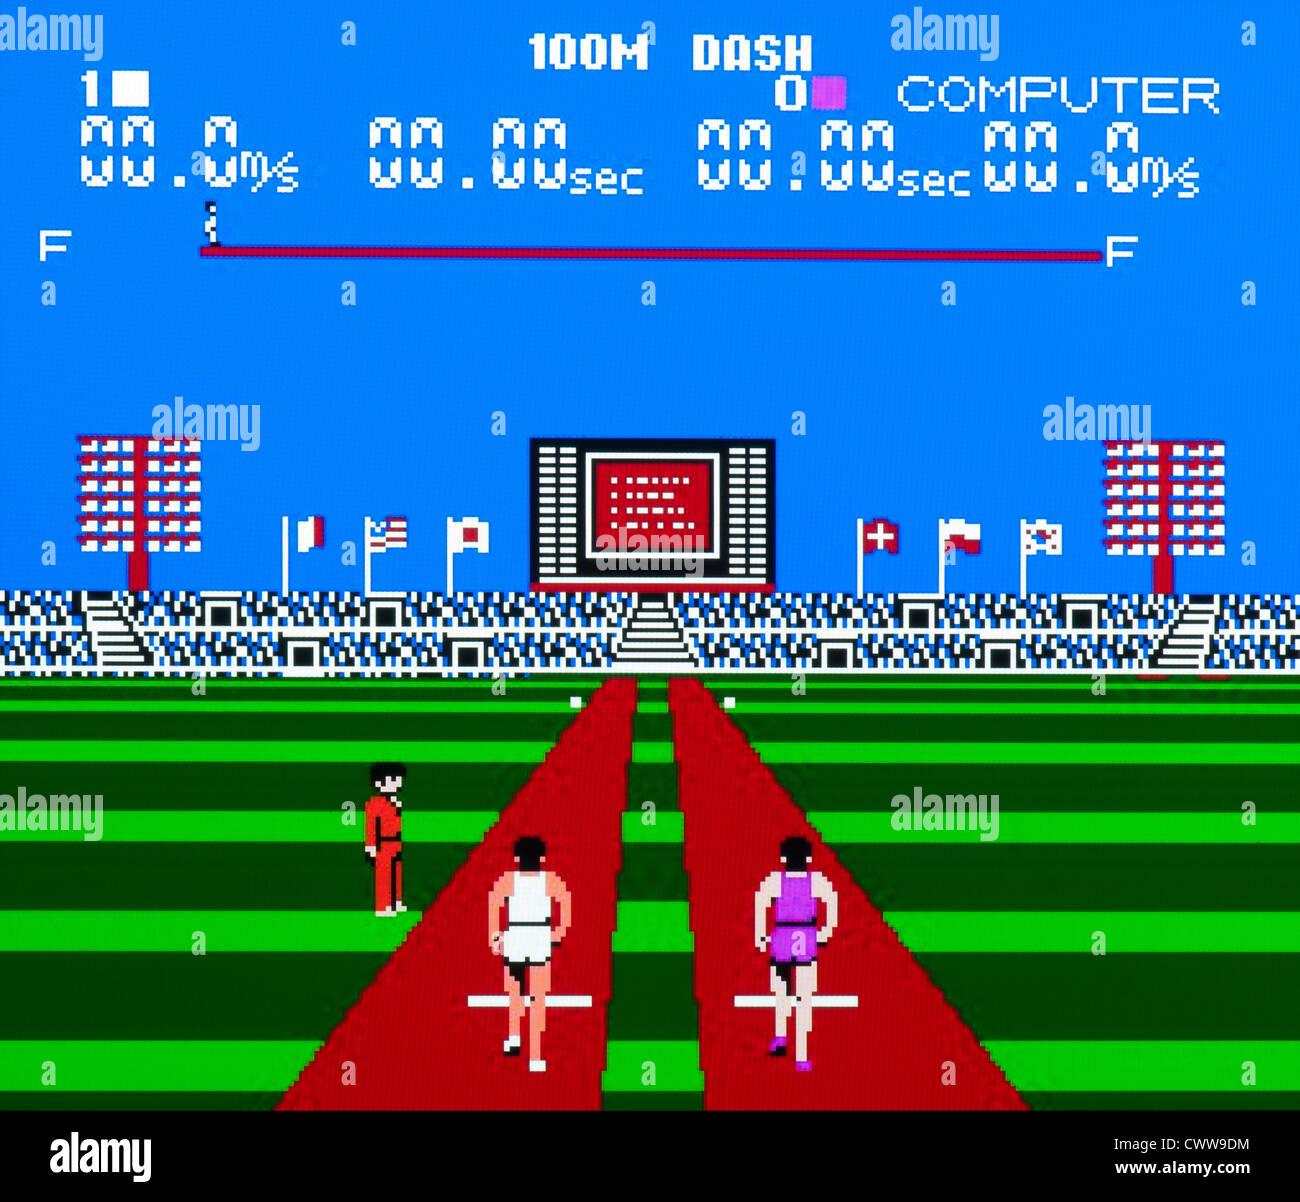 Super Mario Bros video game - Track Meet 100m Dash - Stock Image